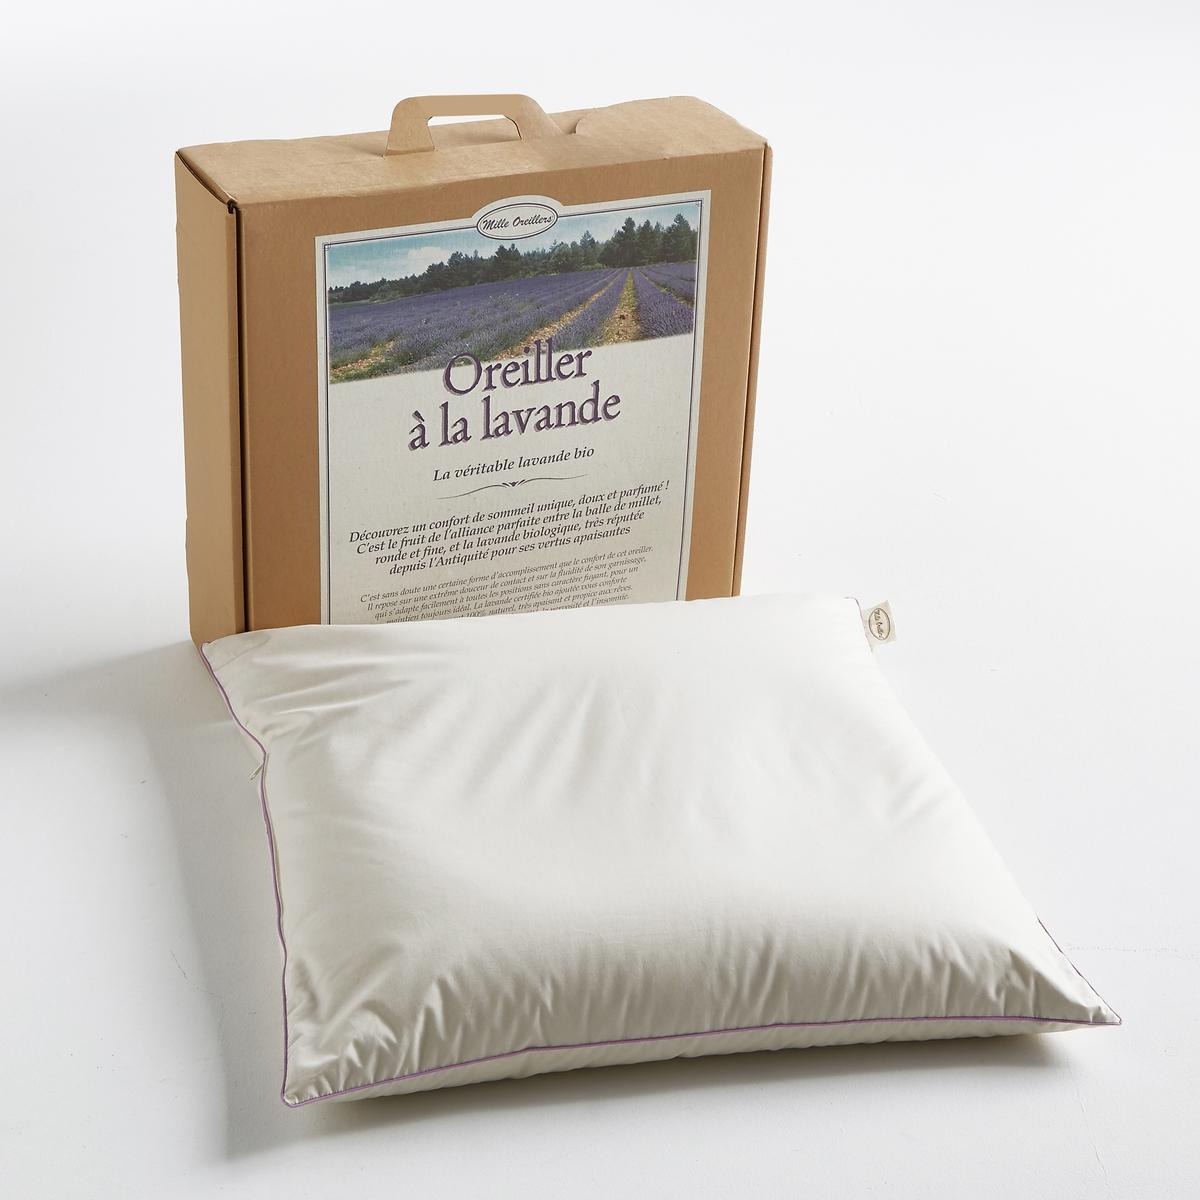 Подушка био с лавандой LavandulaПодушка с лавандой Lavandula. Откройте для себя комфорт уникального, сладкого и ароматного сна ! Идеальное сочетание круглой и тонкой мякины из просо с натуральной лавандой, известной еще с античных времен за свои успокаивающие свойства .Совершенная форма и невероятный комфорт . Неподражаемая мягкость в сочетании с подвижностью наполнителя, который легко принимает любую форму, не убегая, и дарит всегда идеальную поддержку . 100% натуральная лаванда, имеющая биосертификат, подарит вам безмятежный и спокойный сон  .Характеристики : - Наполнитель из мякины просо и семян лаванды (Lavandula augustifolia), имеющий биосертификат качества . - Чехол 100% биохлопка натурально светло-бежевого цвета с застежкой на молнию. Стирать отдельно от других вещей вручную .<br><br>Цвет: экрю